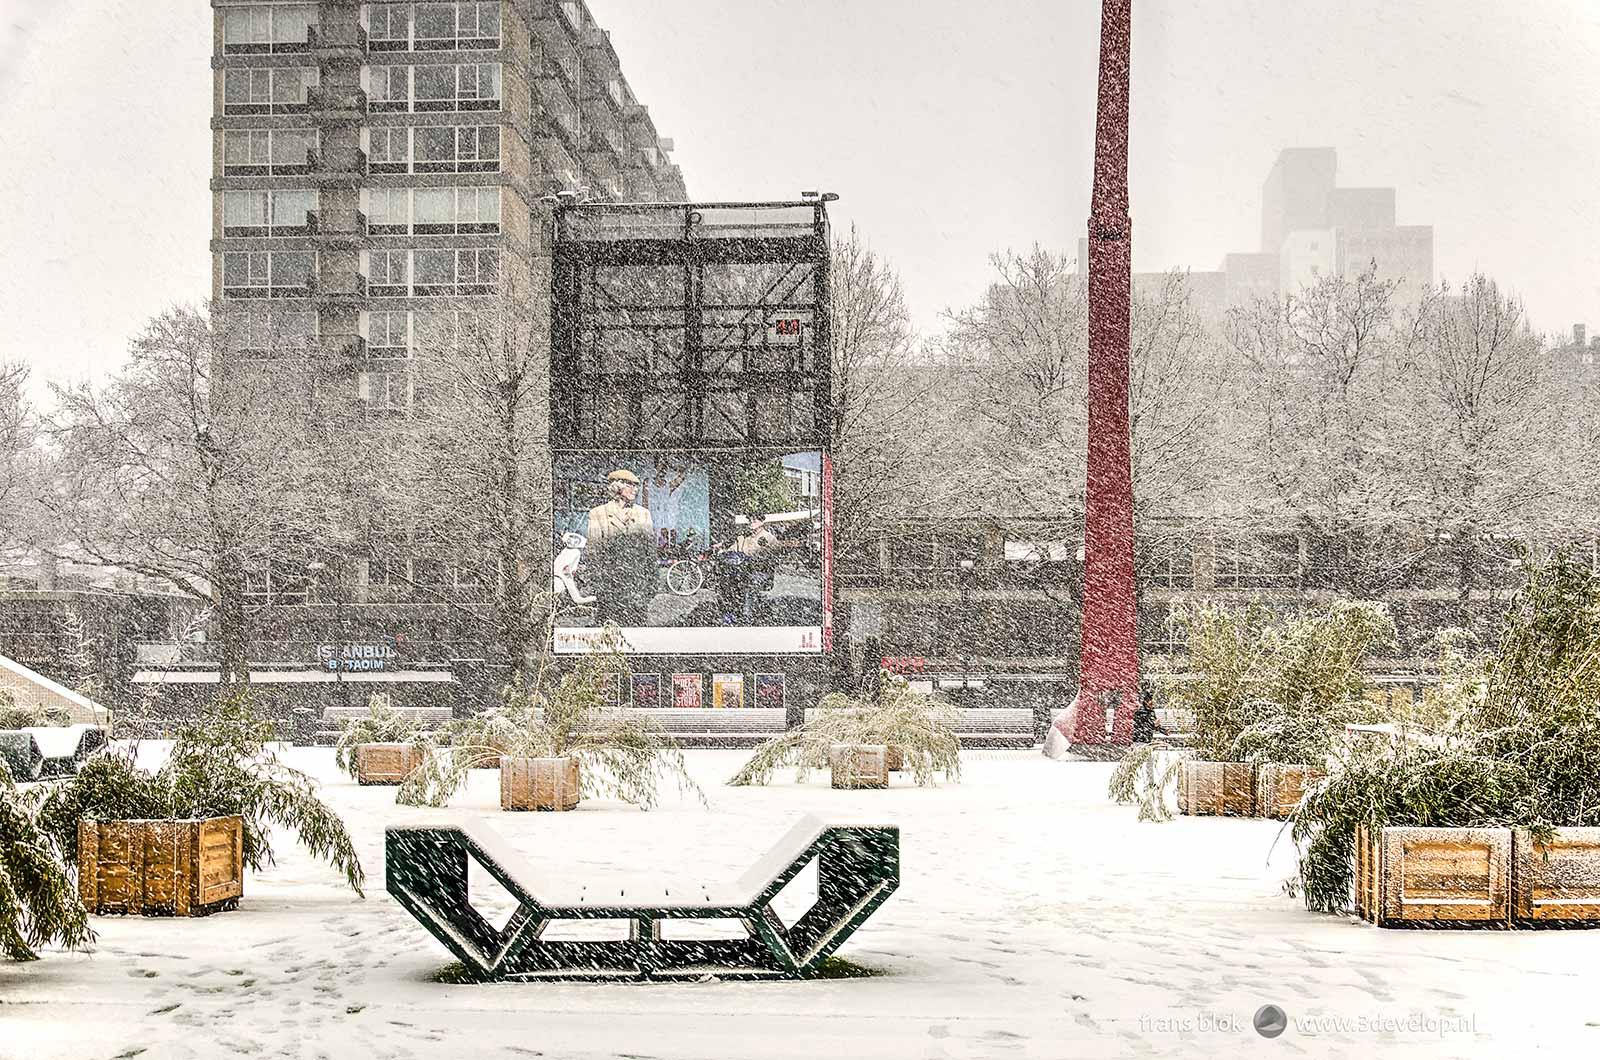 Schouwburgplein in Rotterdam during a snowstorm in december 2017